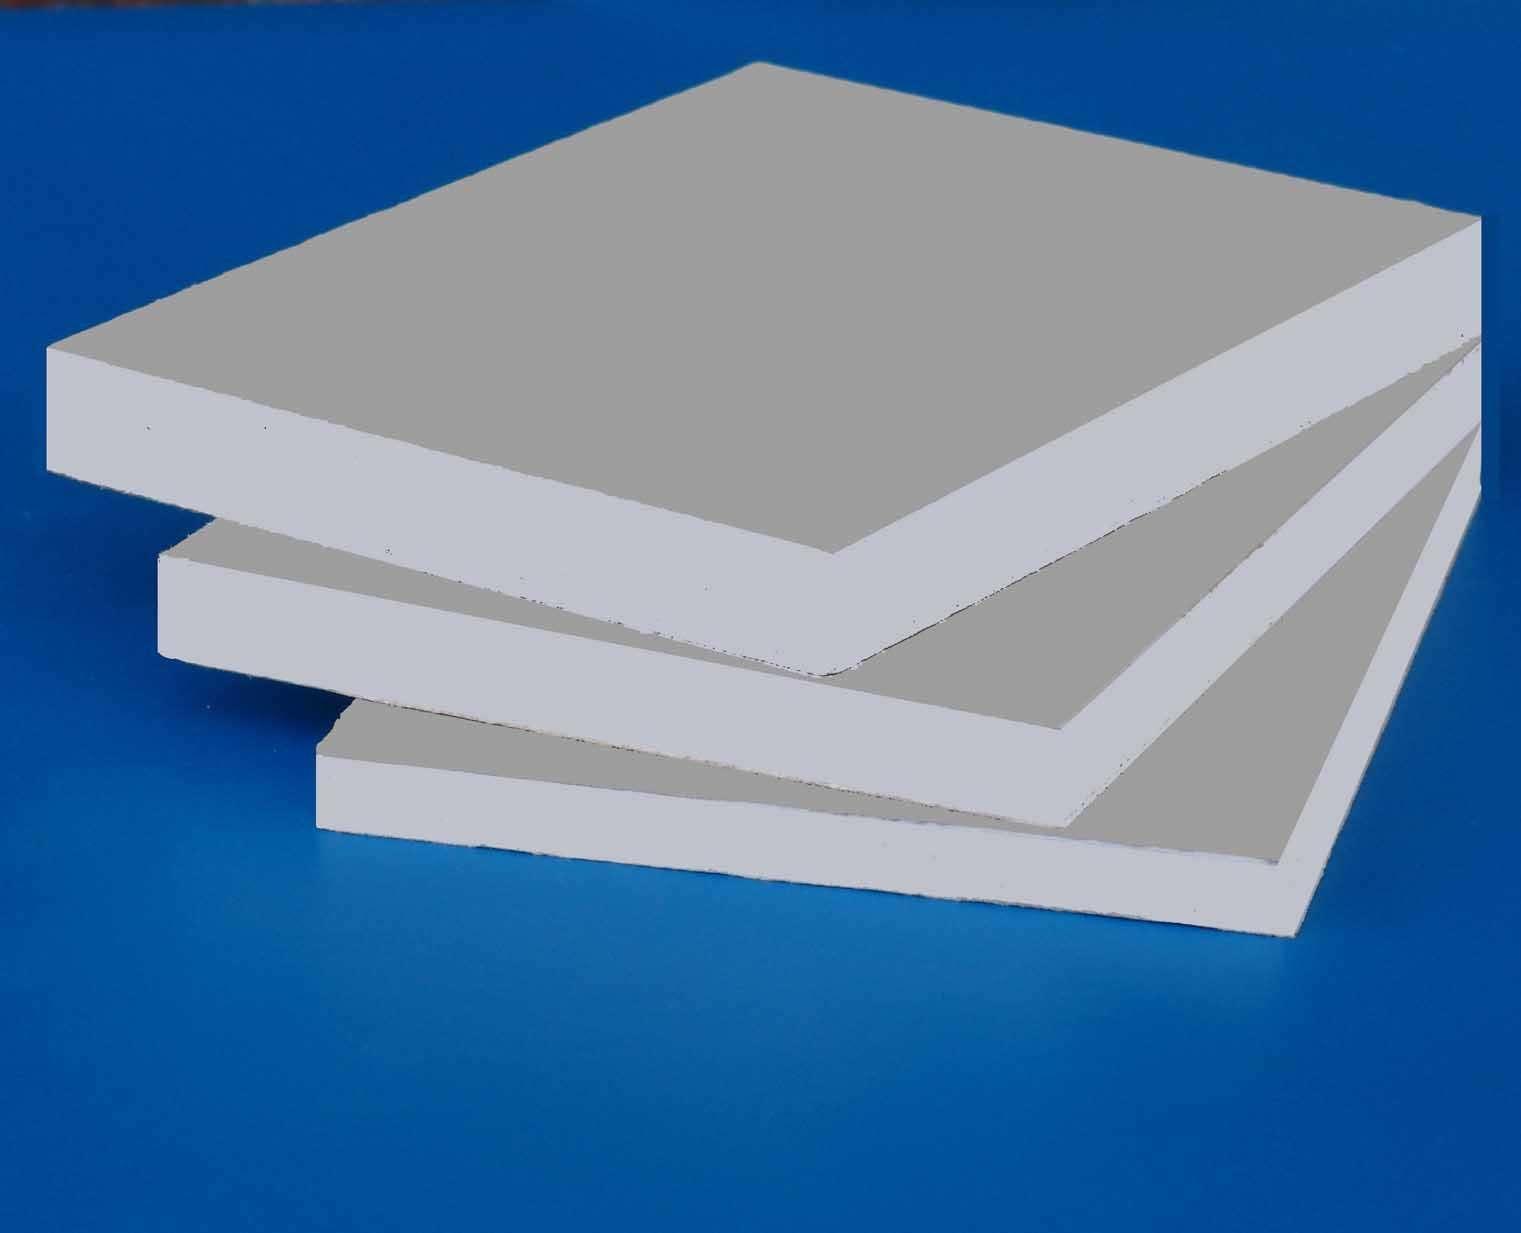 新疆石膏板生产厂家_上哪里买新疆石膏板好